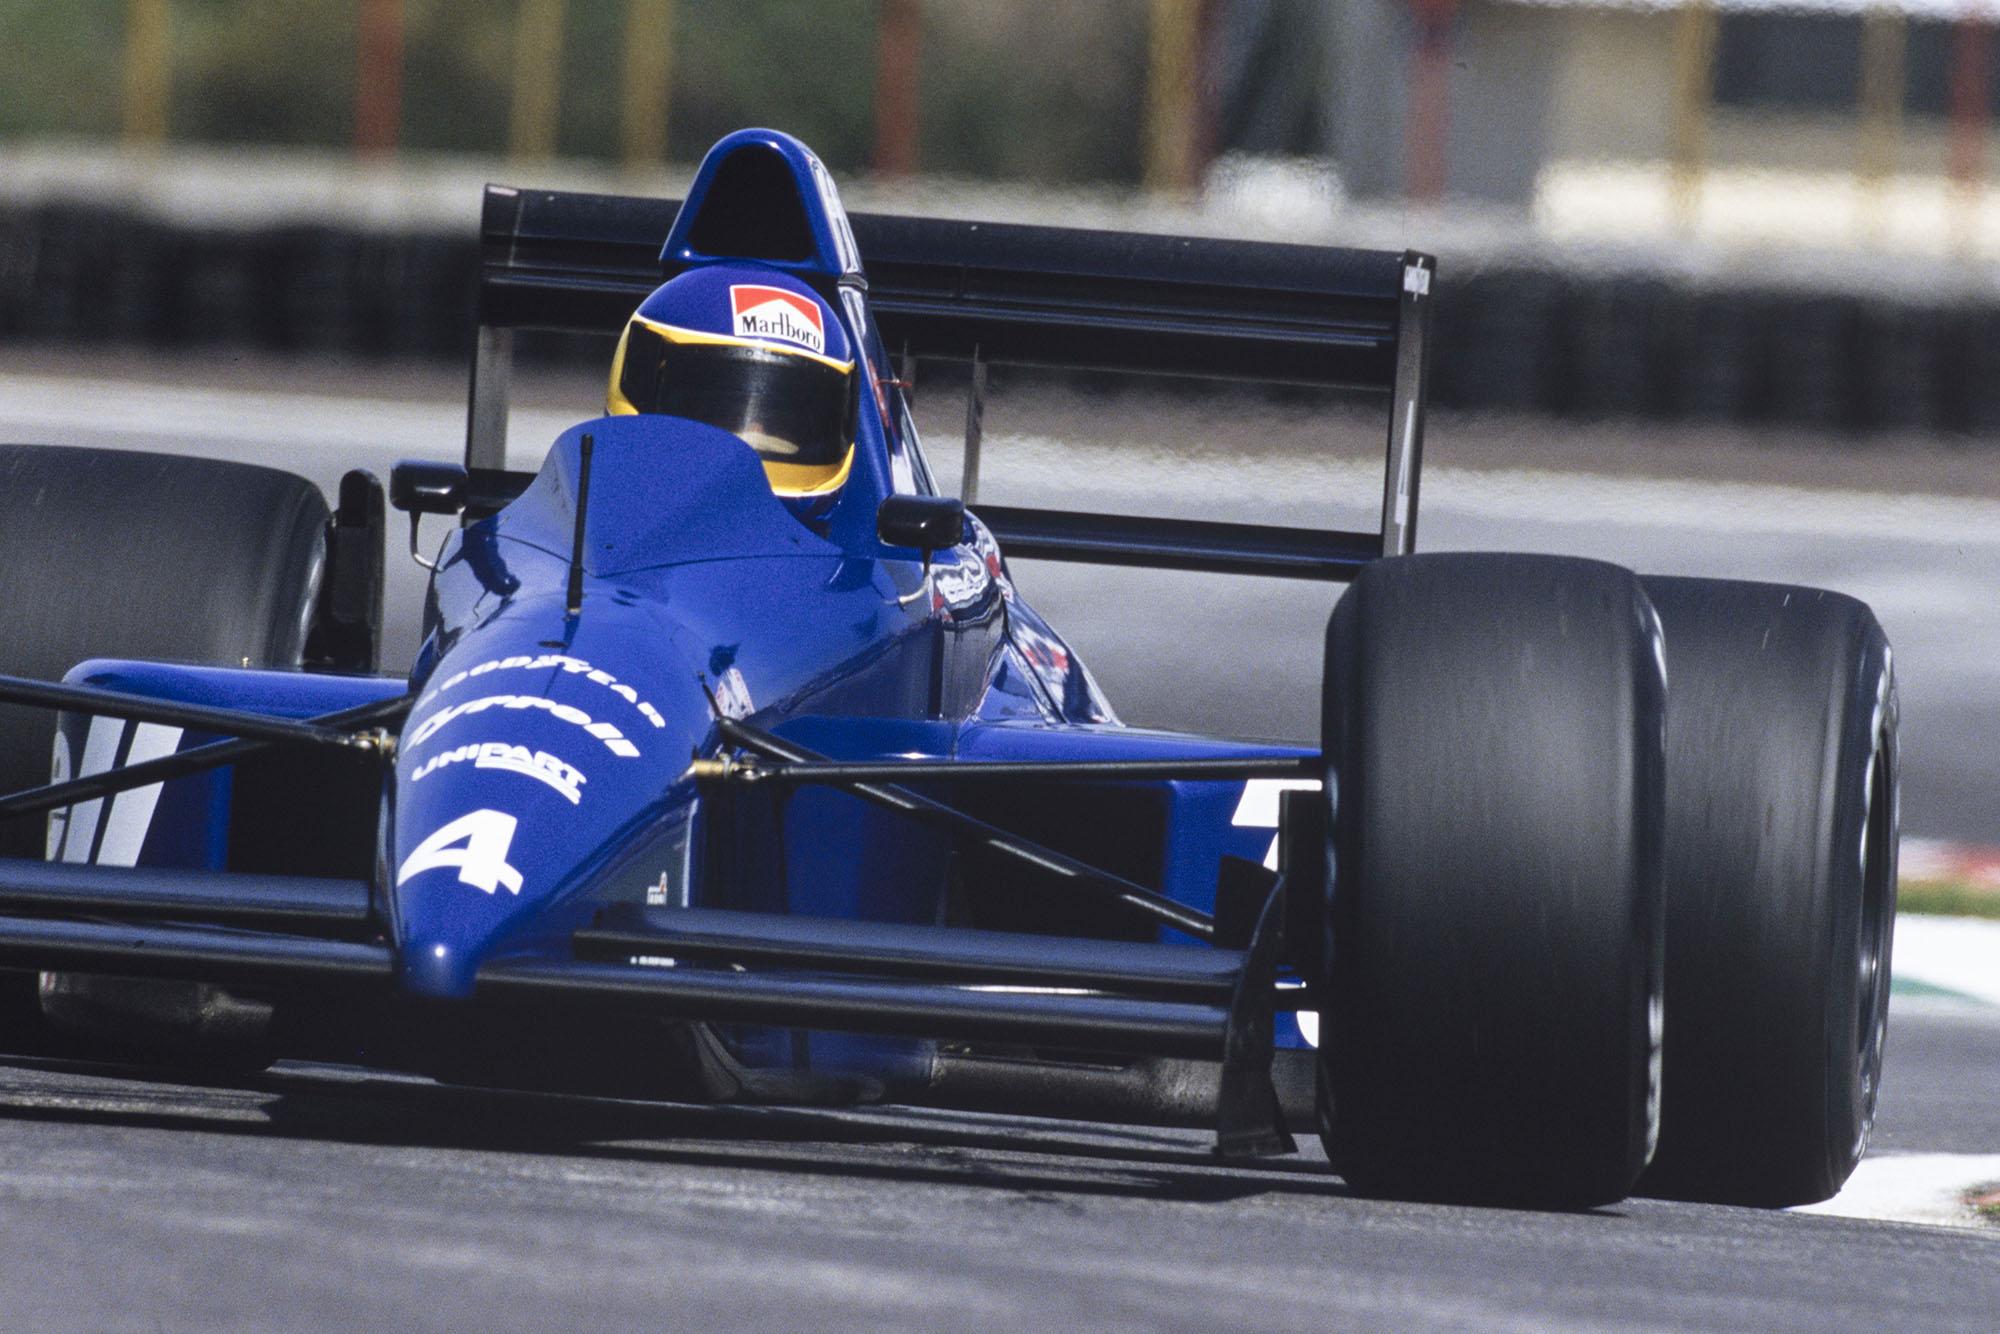 1989 Mex GP Alboretor3